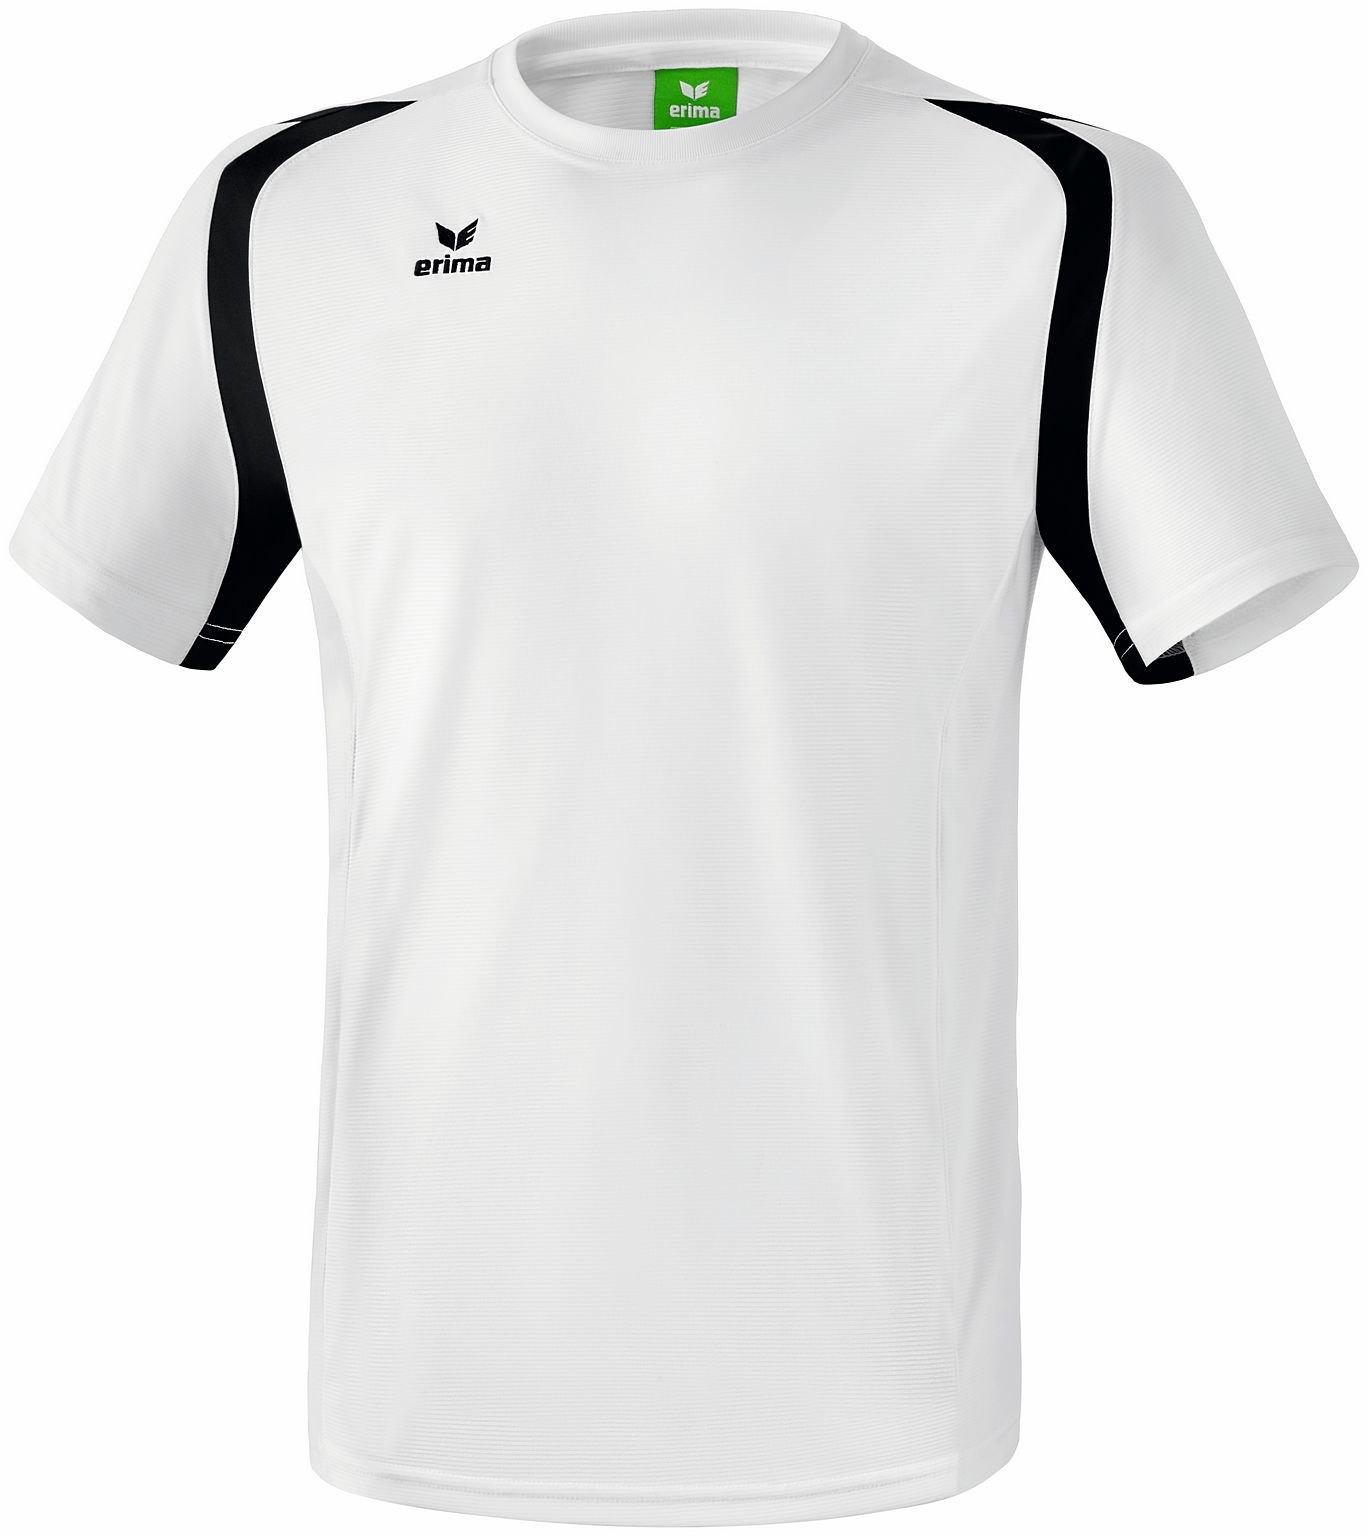 Erima T-Shirt Razor 2.0 | weiß schwarz - weiss